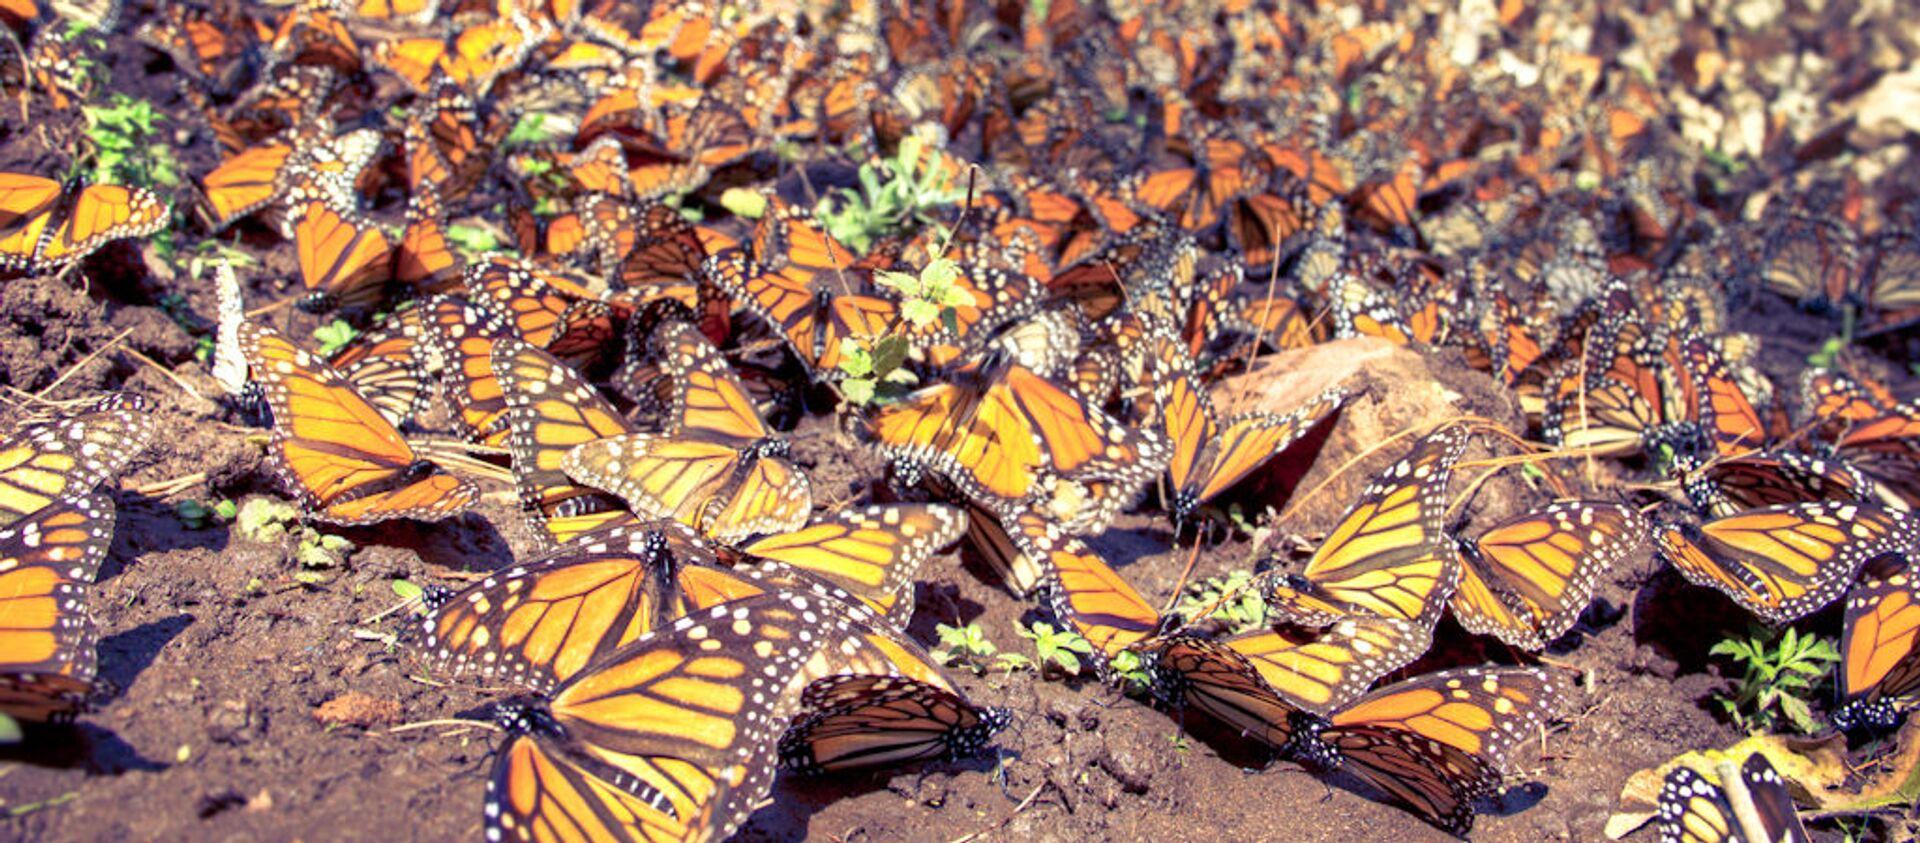 Mariposas monarca - Sputnik Mundo, 1920, 13.03.2020